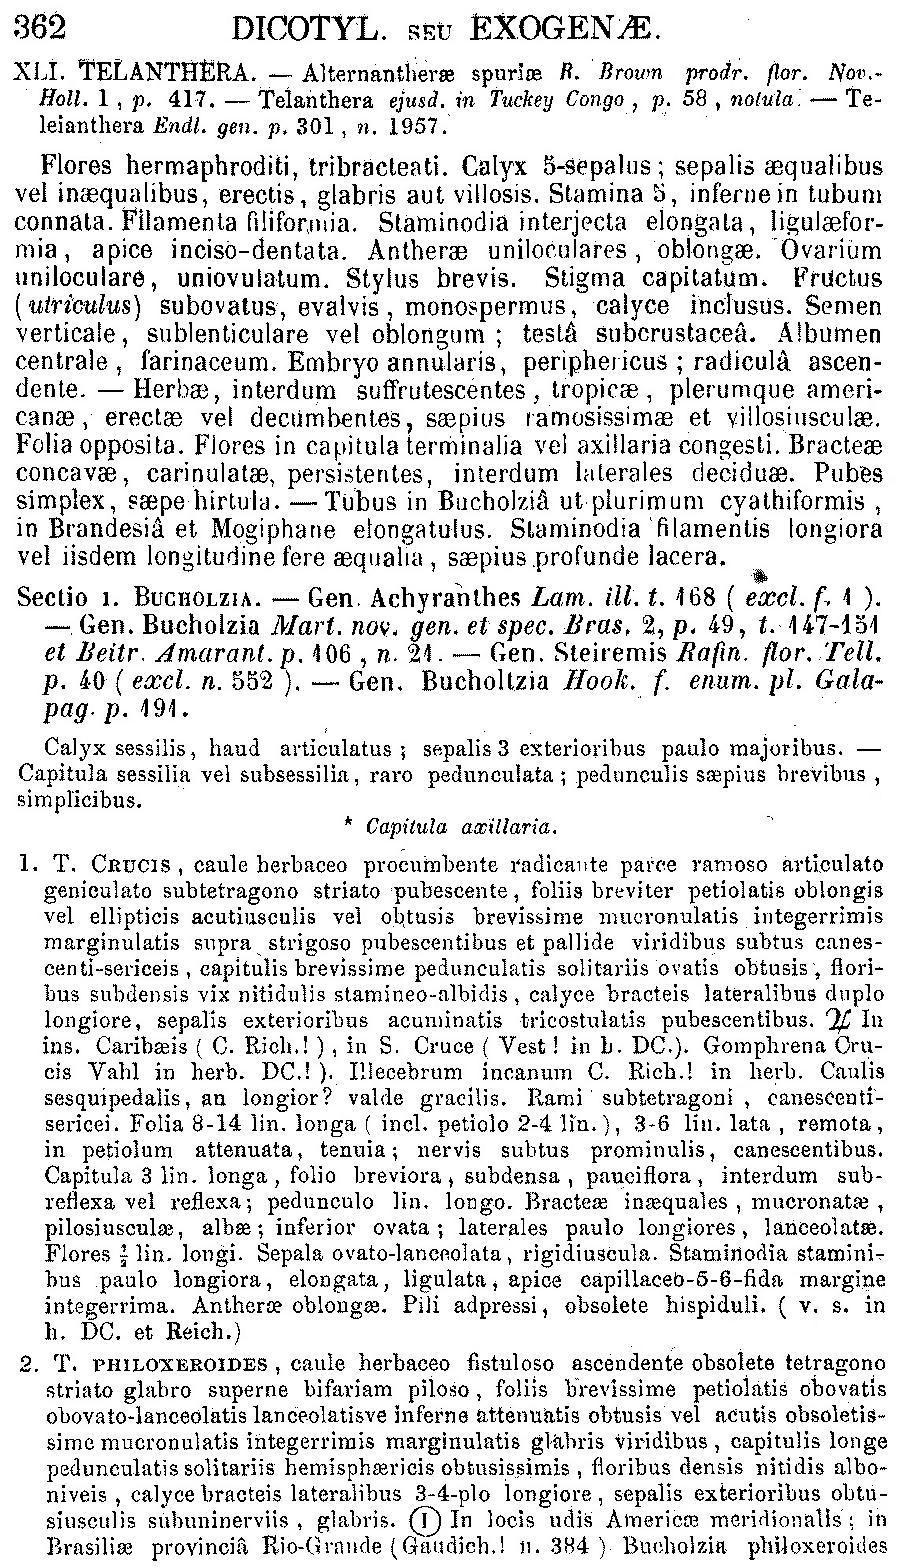 https://forum.plantarium.ru/misc.php?action=pun_attachment&item=27439